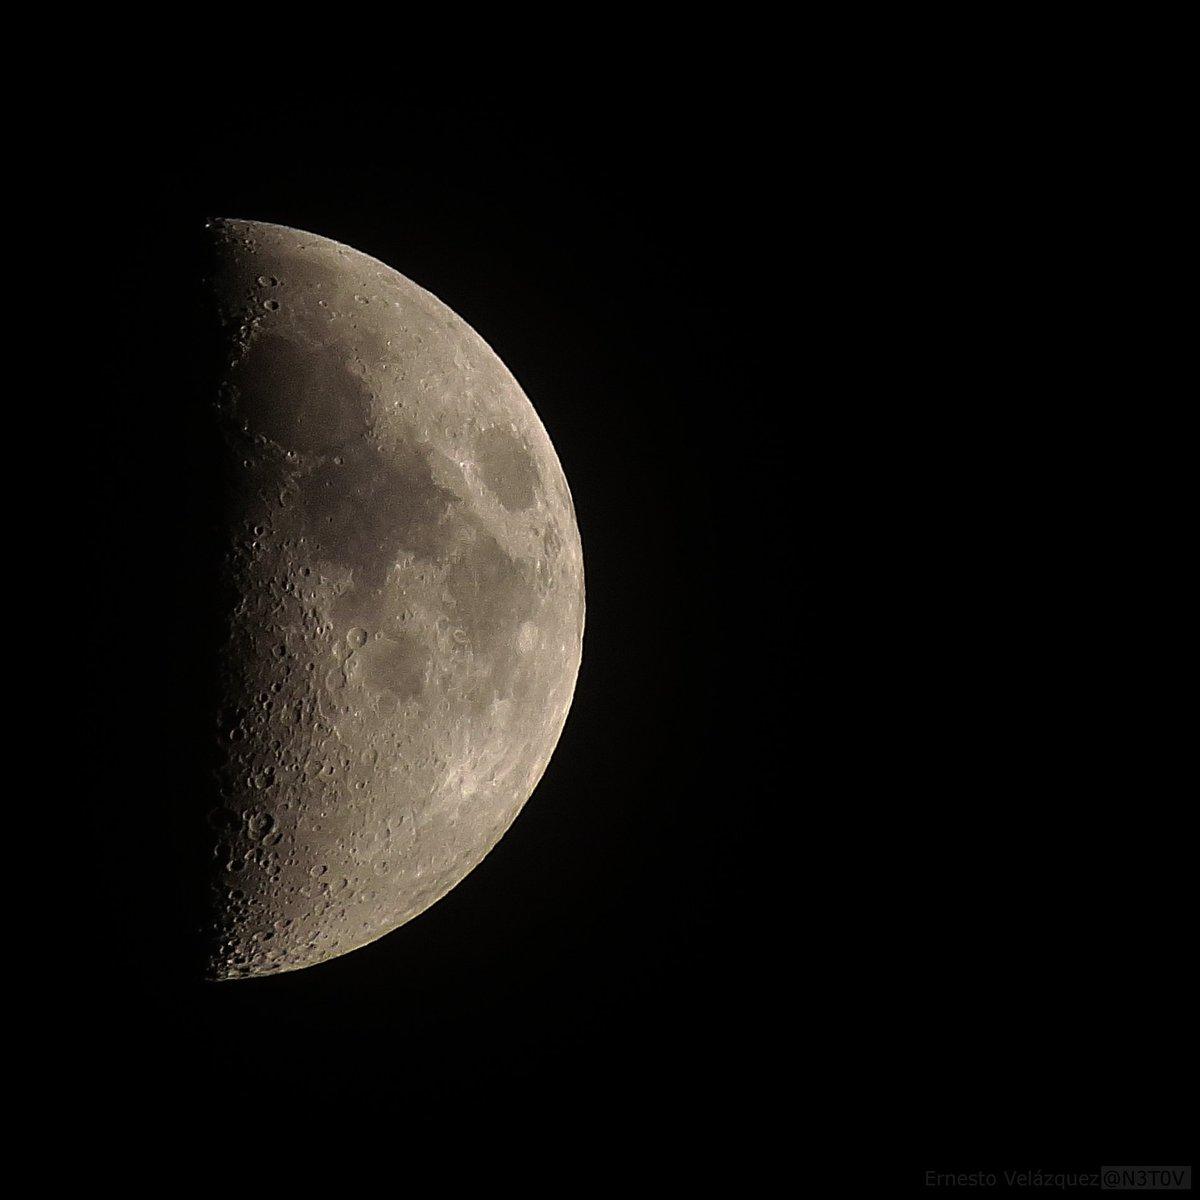 Luna Cuarto Creciente: todas las noticias de última hora, fotos y ...